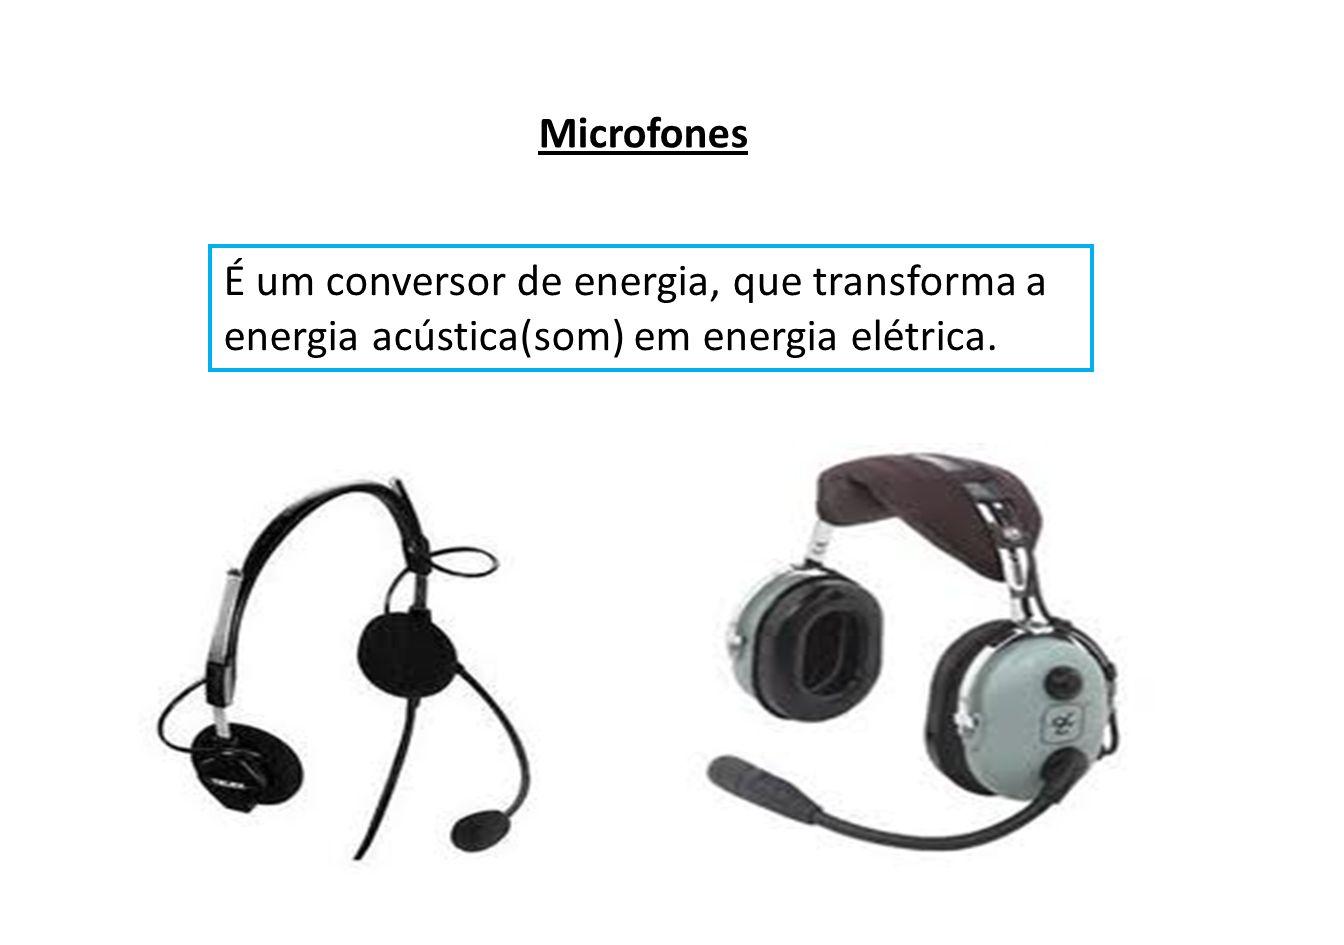 Quando se fala no microfone, as ondas de pressão acústicas geradas atingem o diafragma do microfone, fazendo-o movimentar-se para dentro e para fora (vibrar), de acordo com a pressão instantânea aplicada.